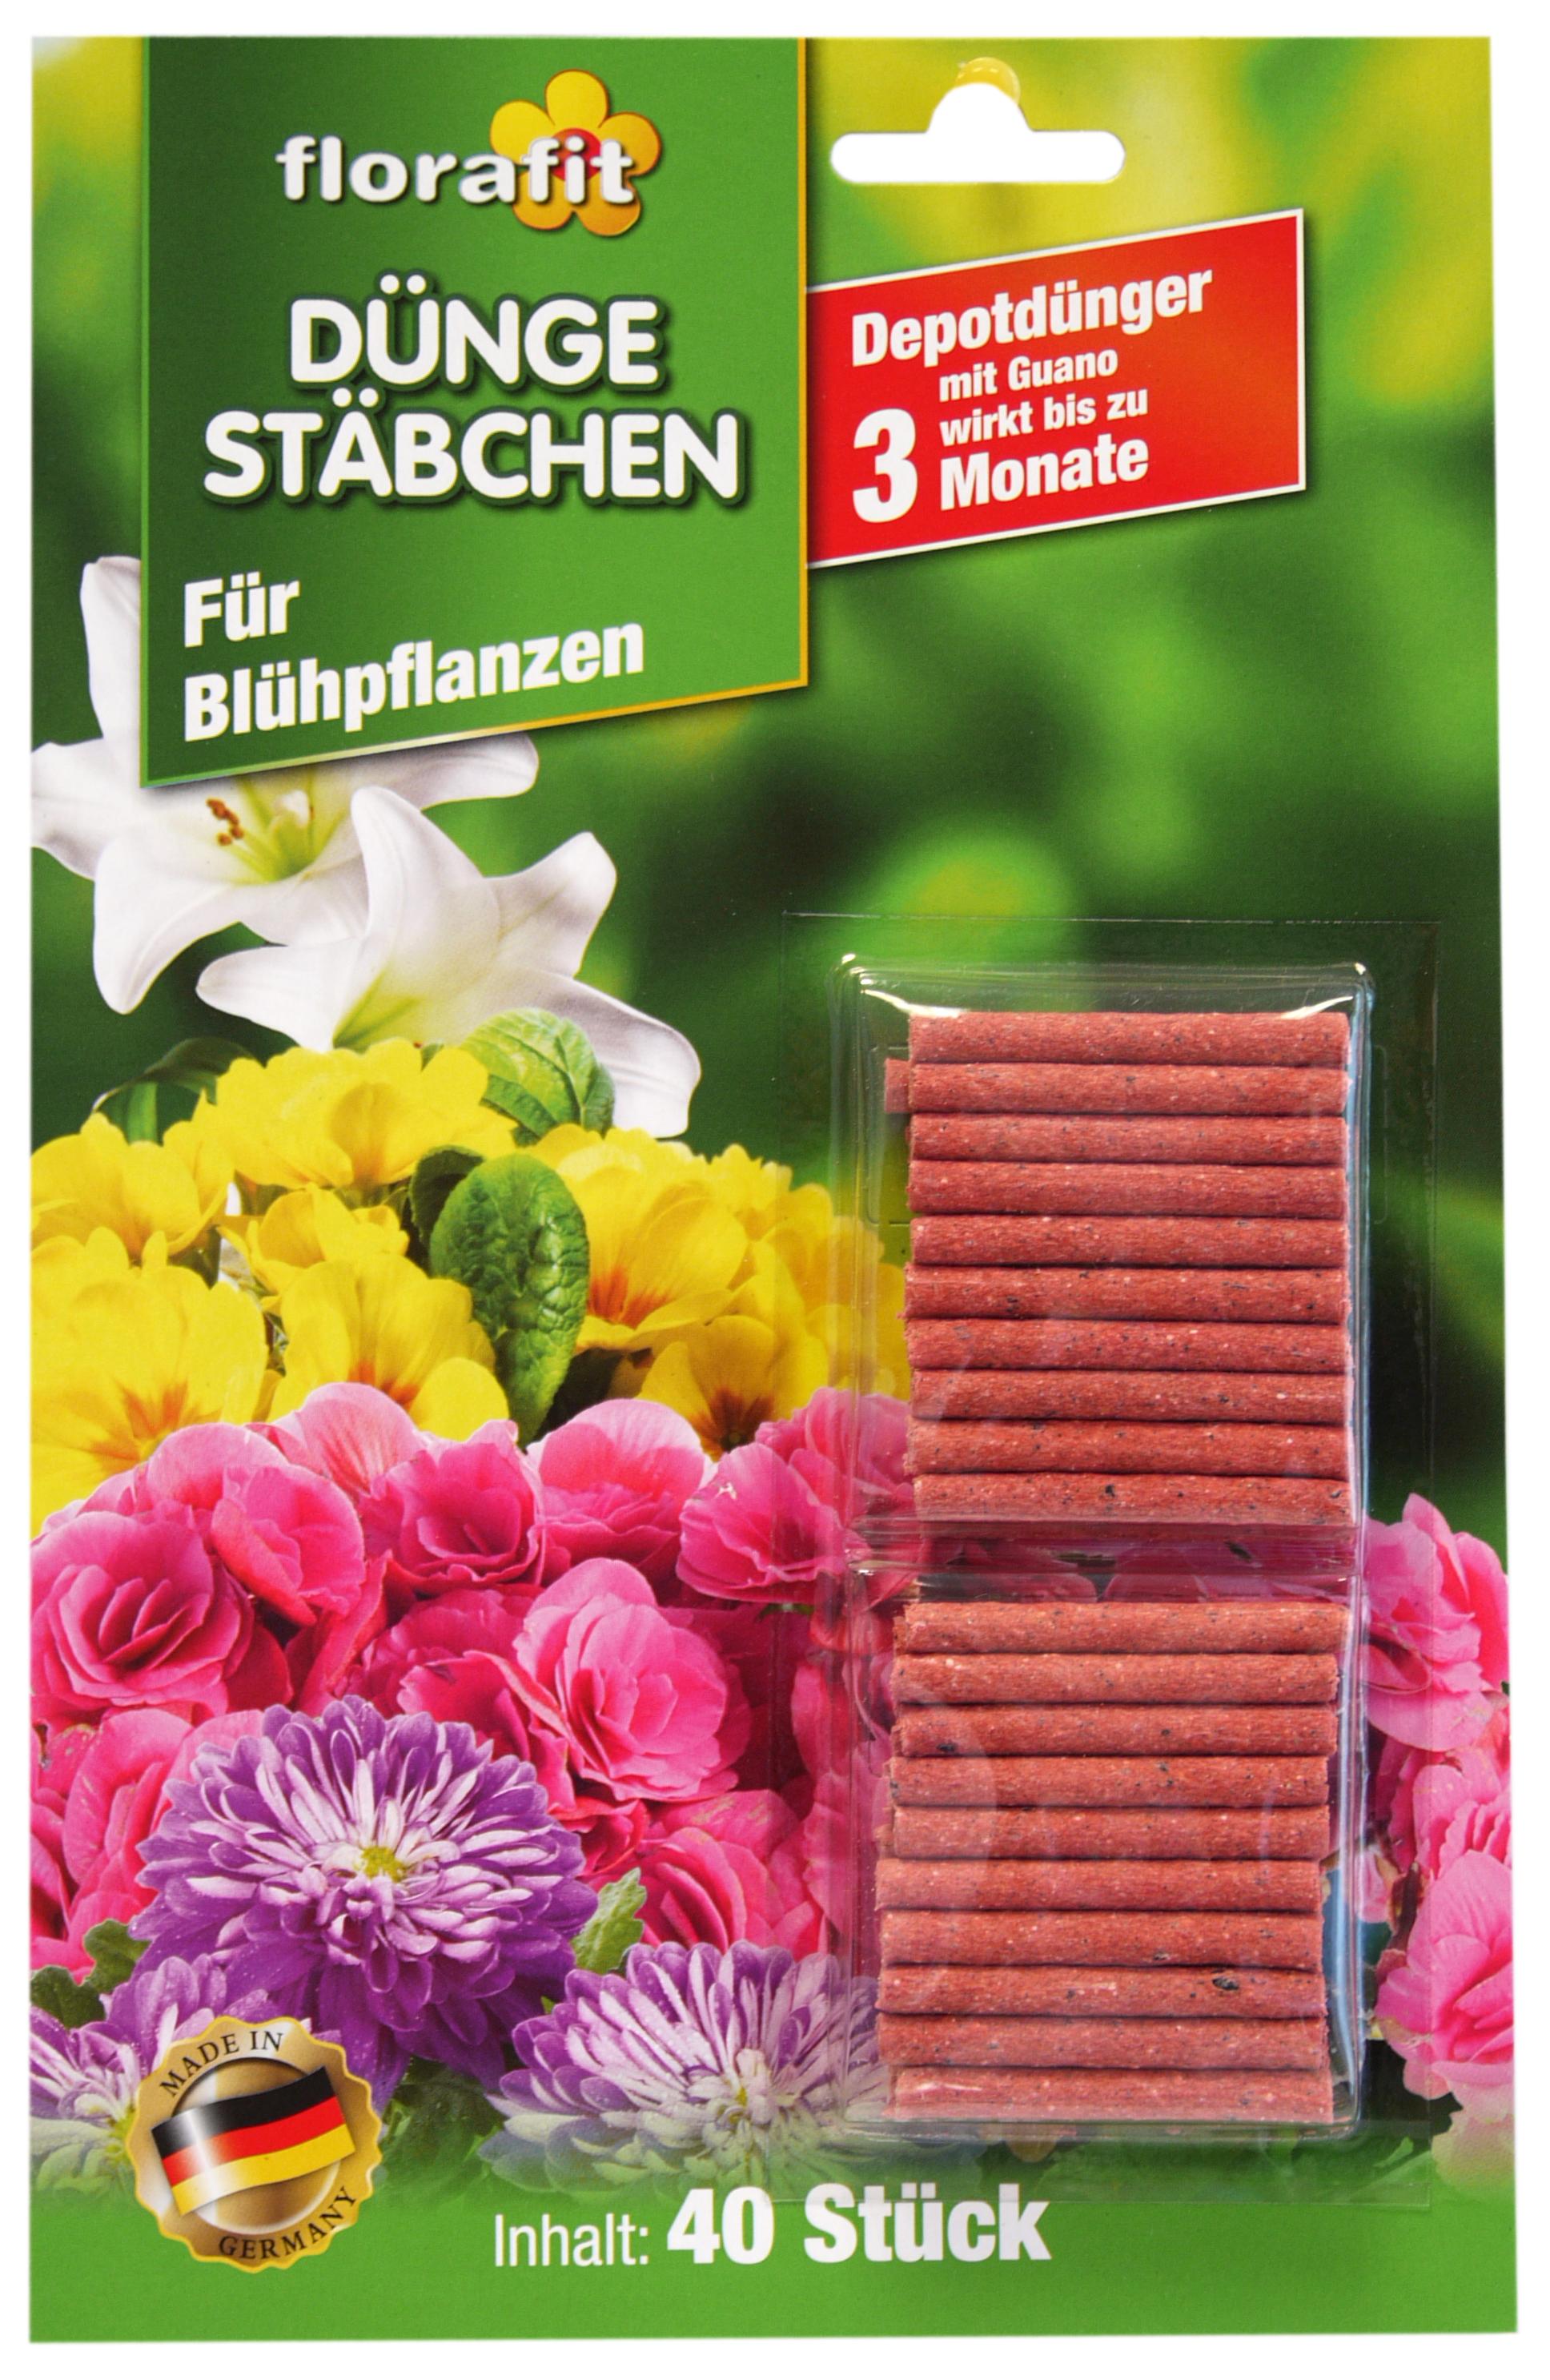 02250 - florafit Düngestäbchen 40er - für Blühpflanzen-